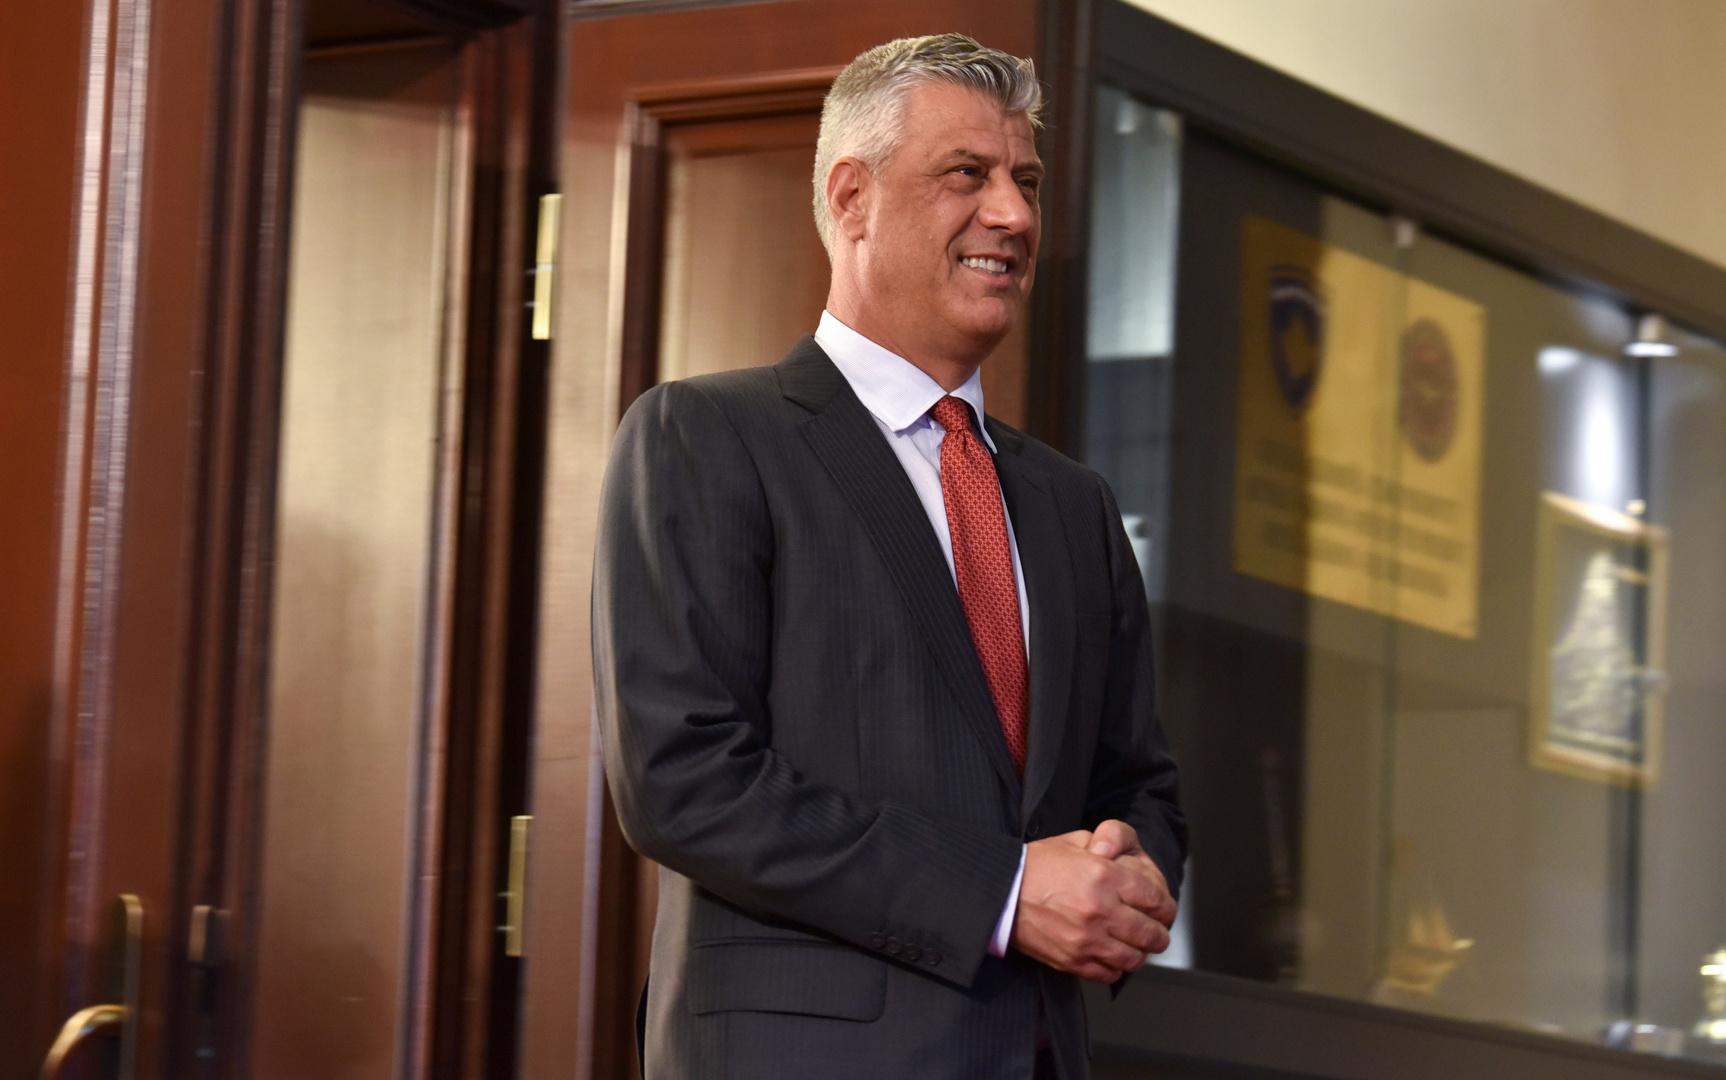 رئيس كوسوفو يتوجه إلى لاهاي للرد على اتهامات بجرائم حرب